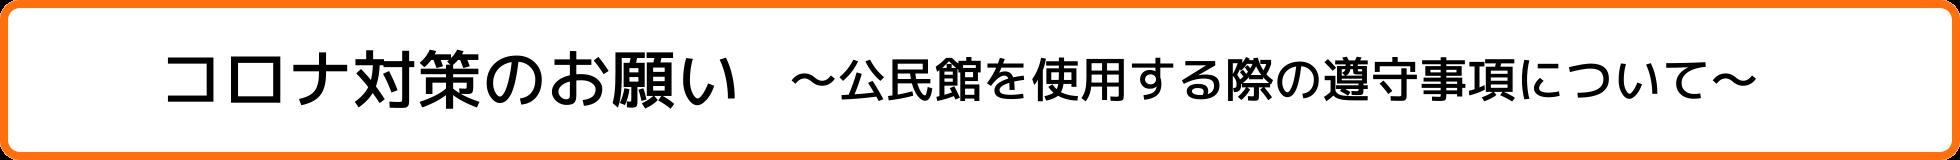 コロナ対策のお願い ~公民館を使用する際の遵守事項について~